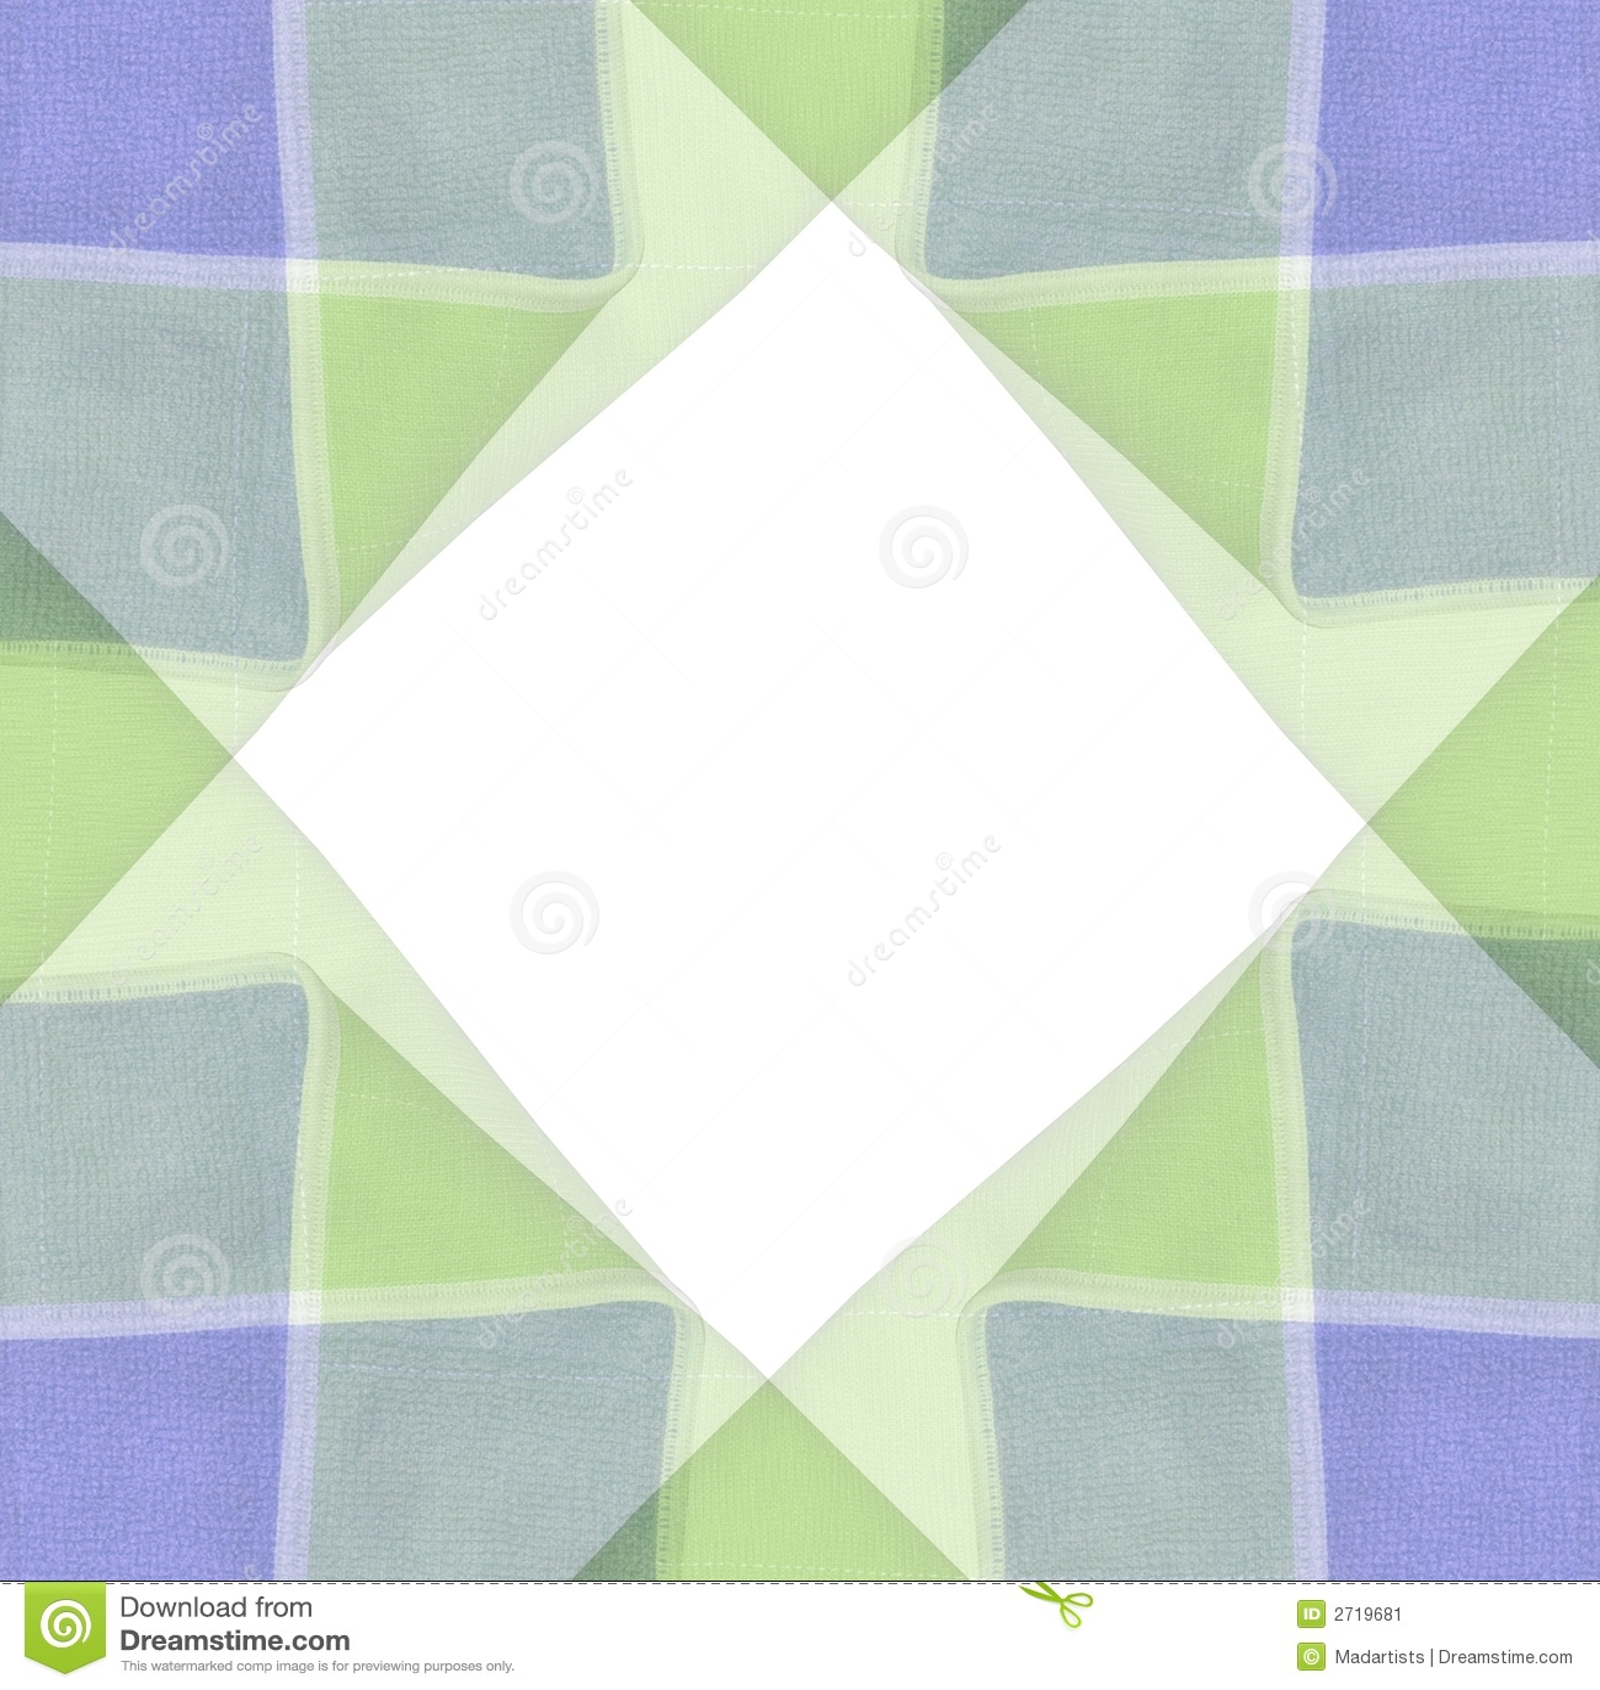 Warm Colors Tile Patterns